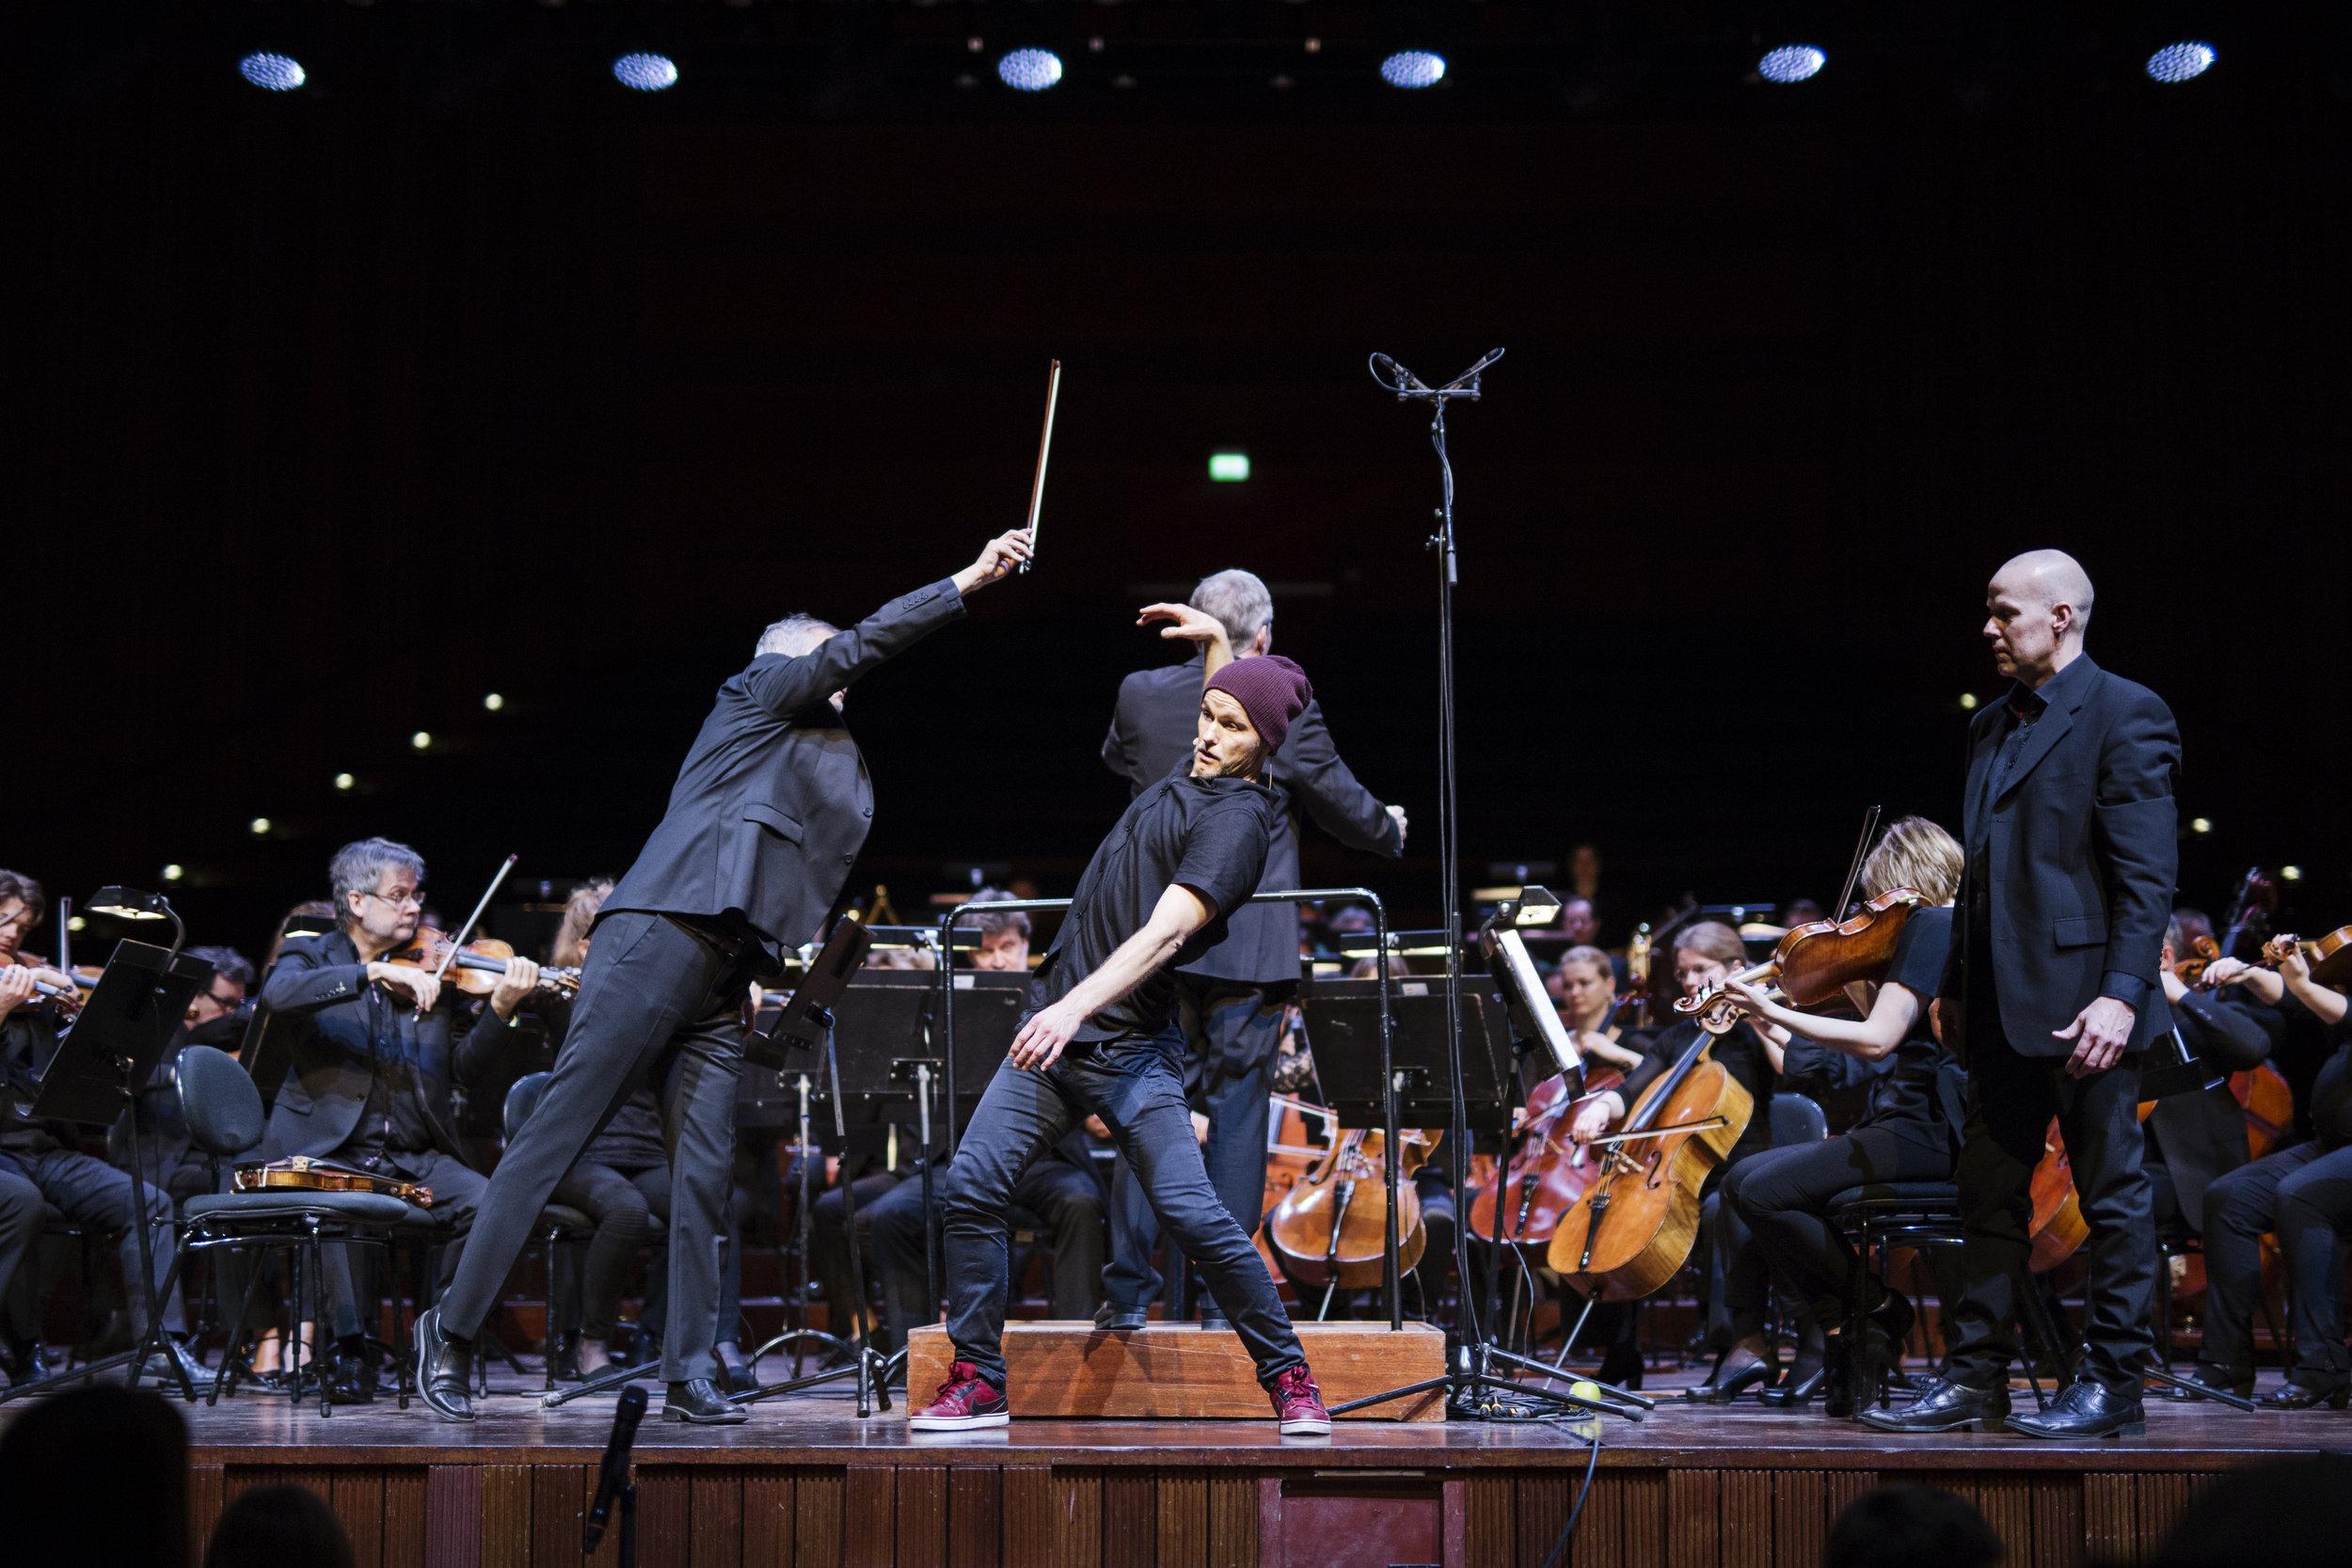 Forestilling, orkester